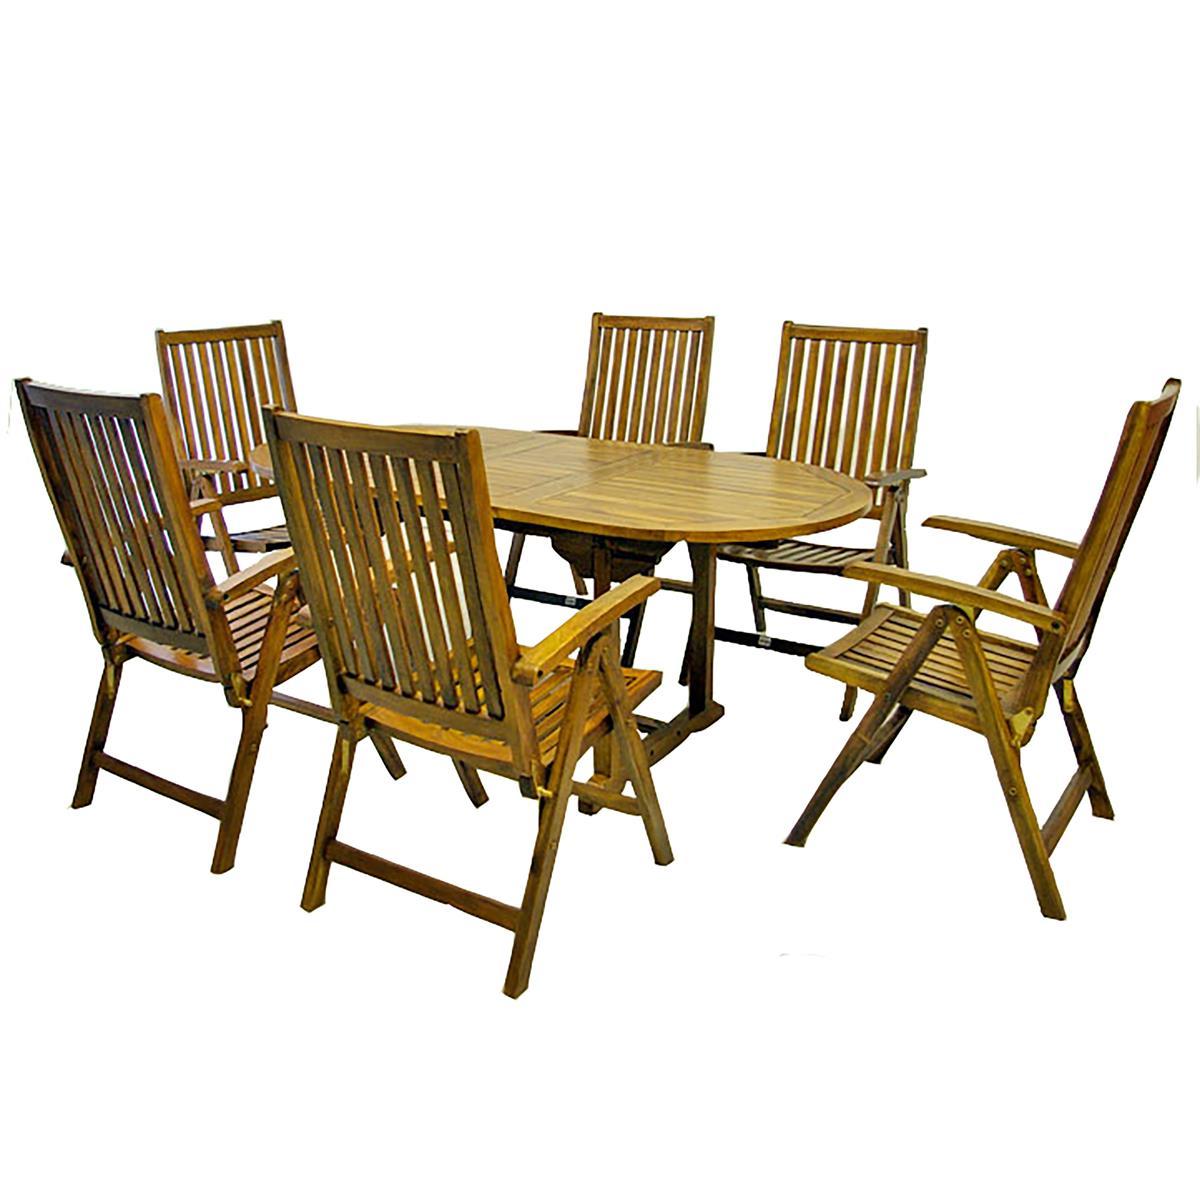 DIVERO Set Gartenmöbel Sitzgruppe Tisch ausziehbar 6 Stühle Akazie behandelt